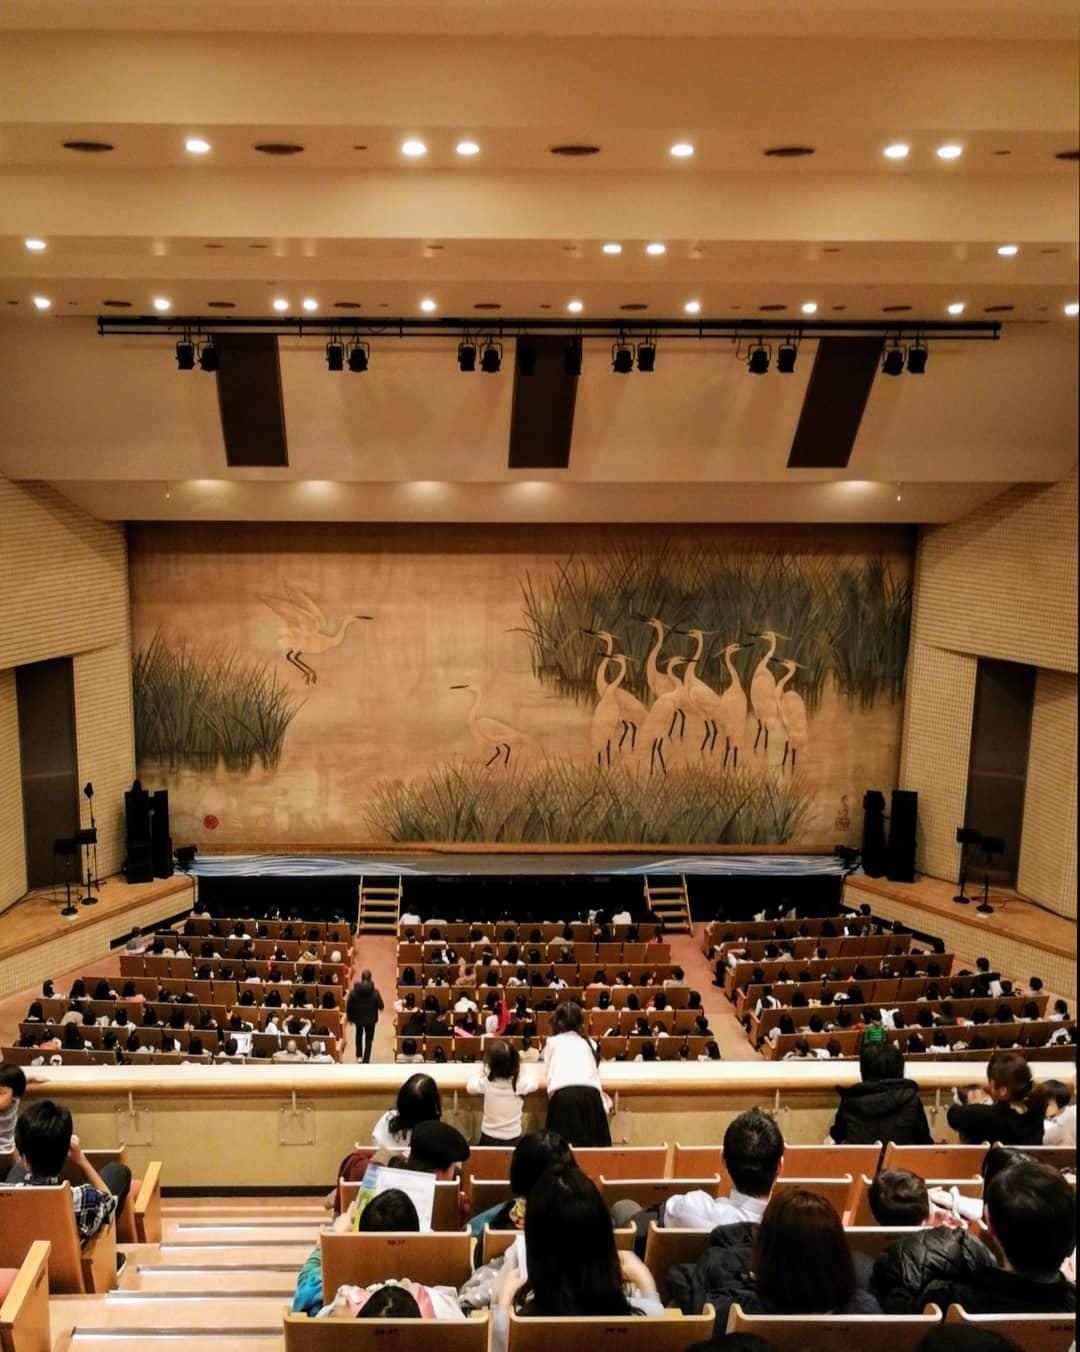 板橋区立文化会館 劇場内